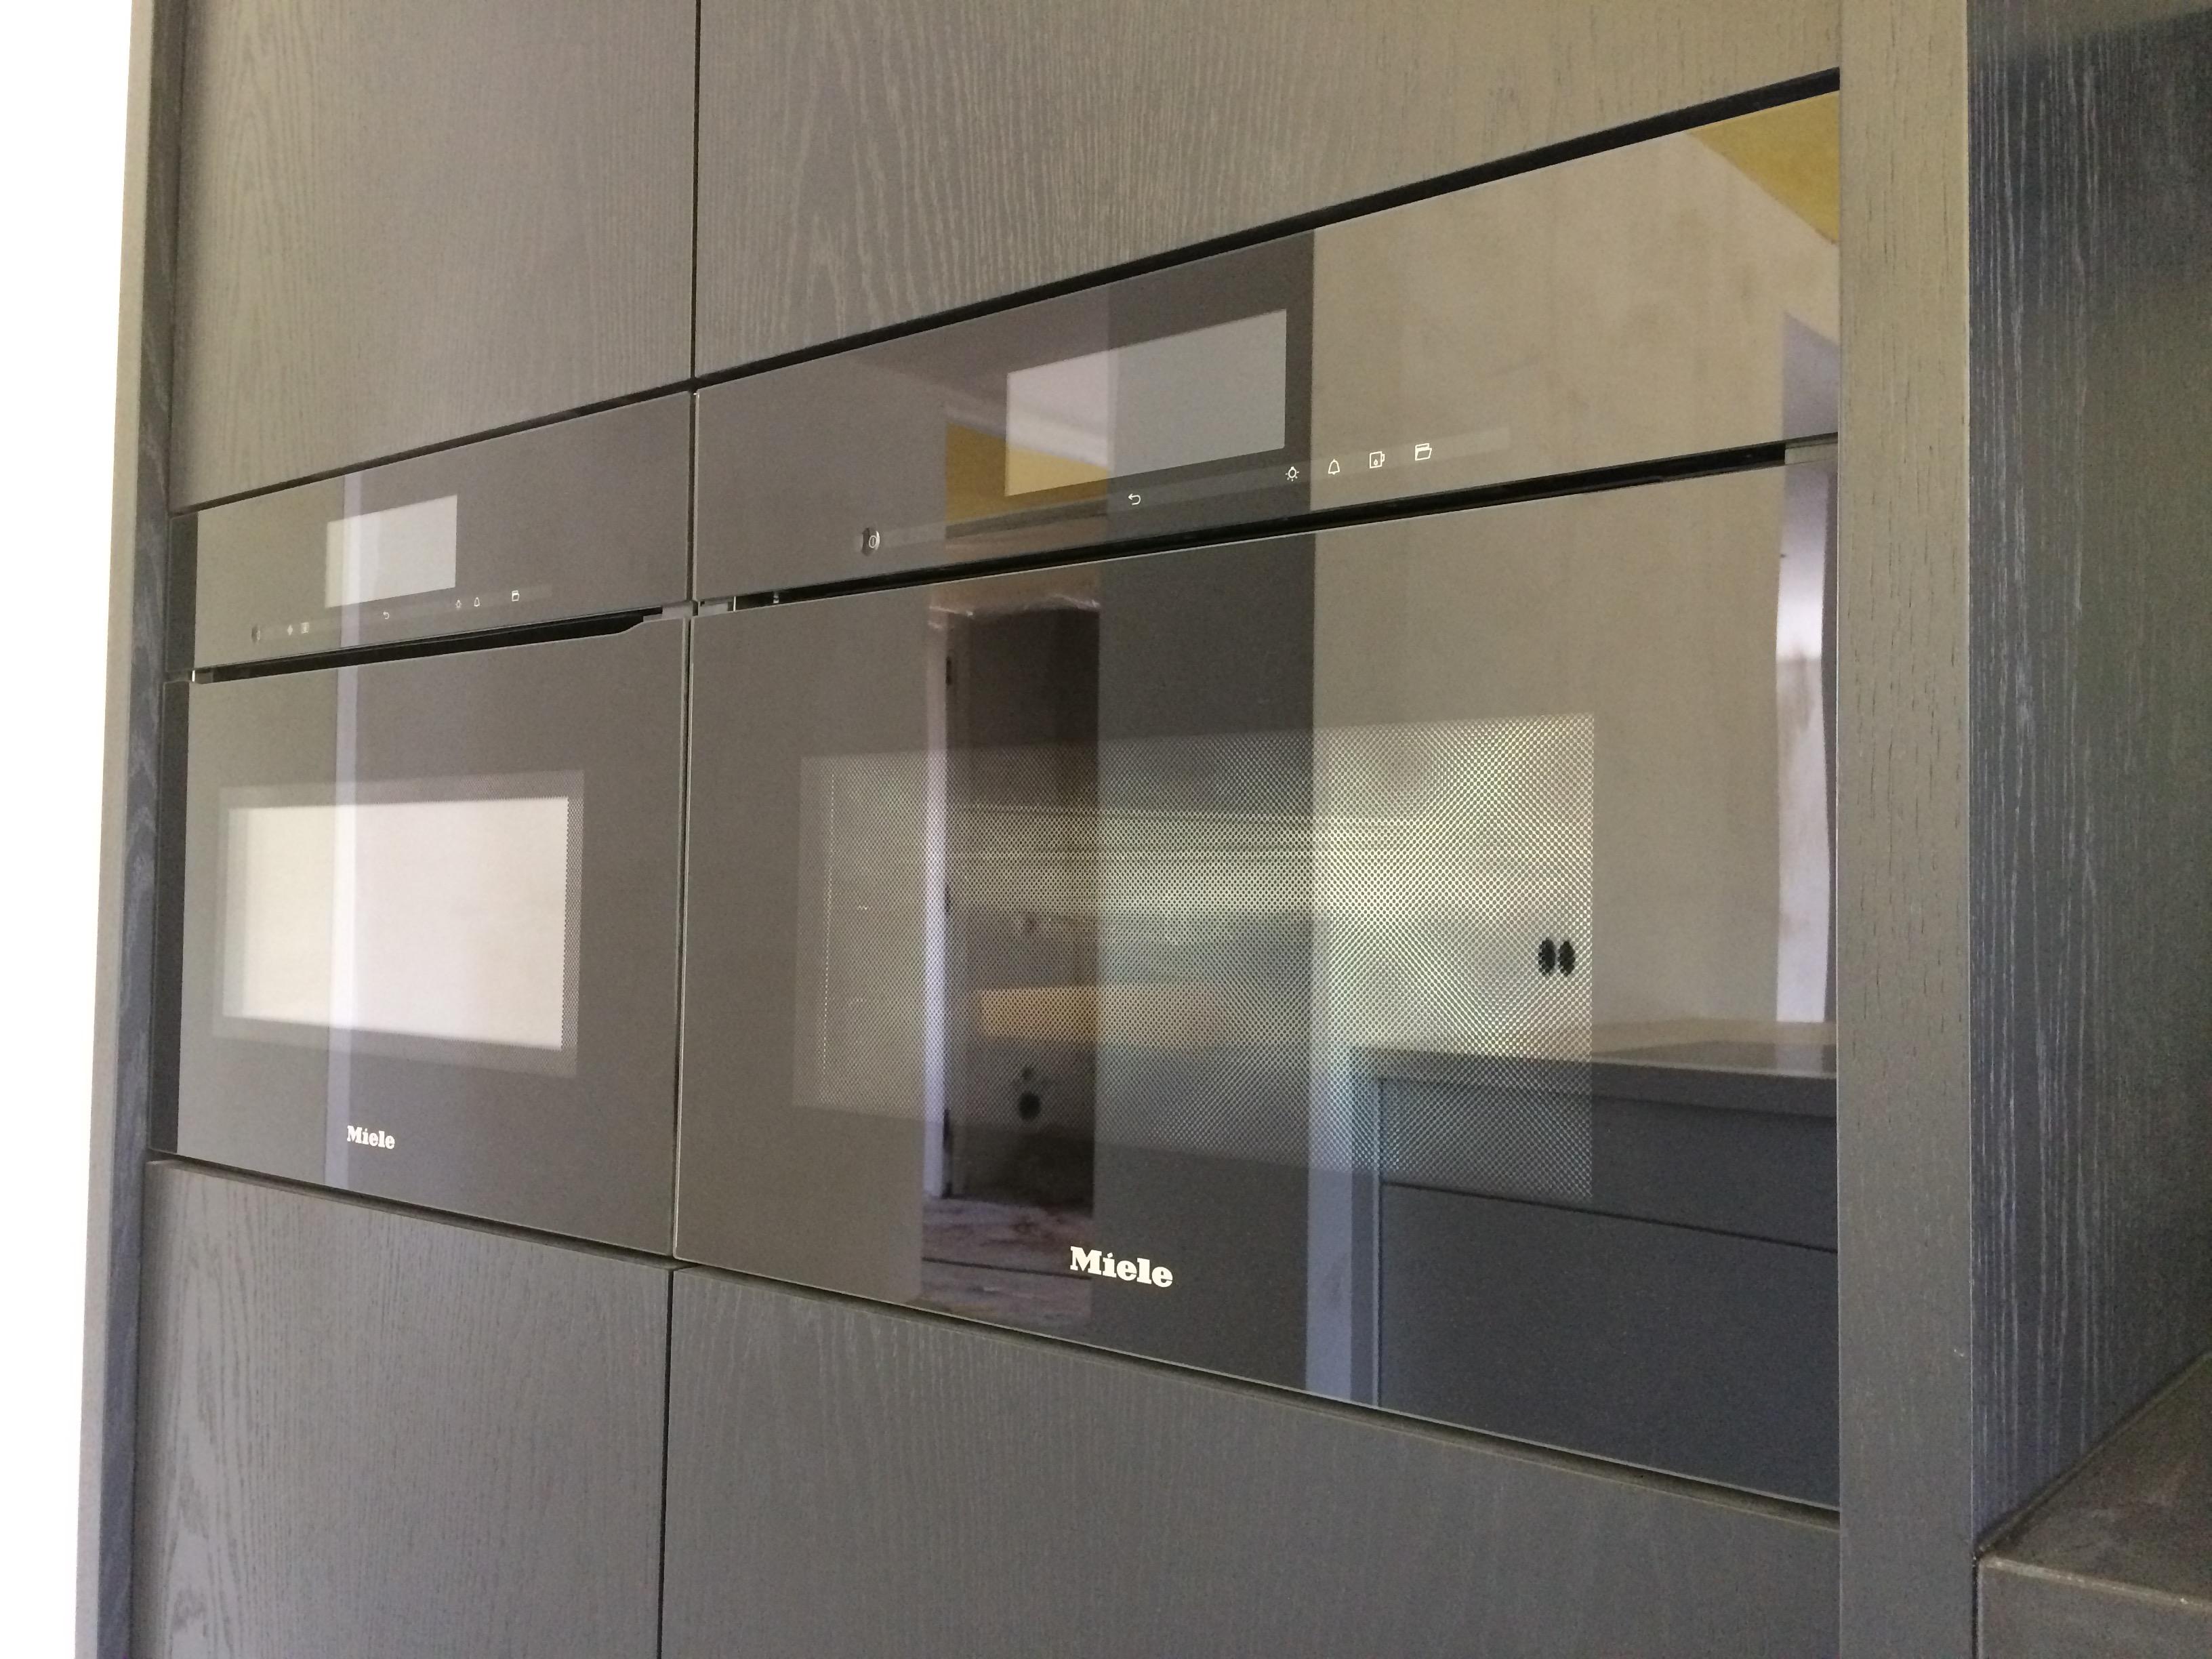 keuken-apparatuur-kast